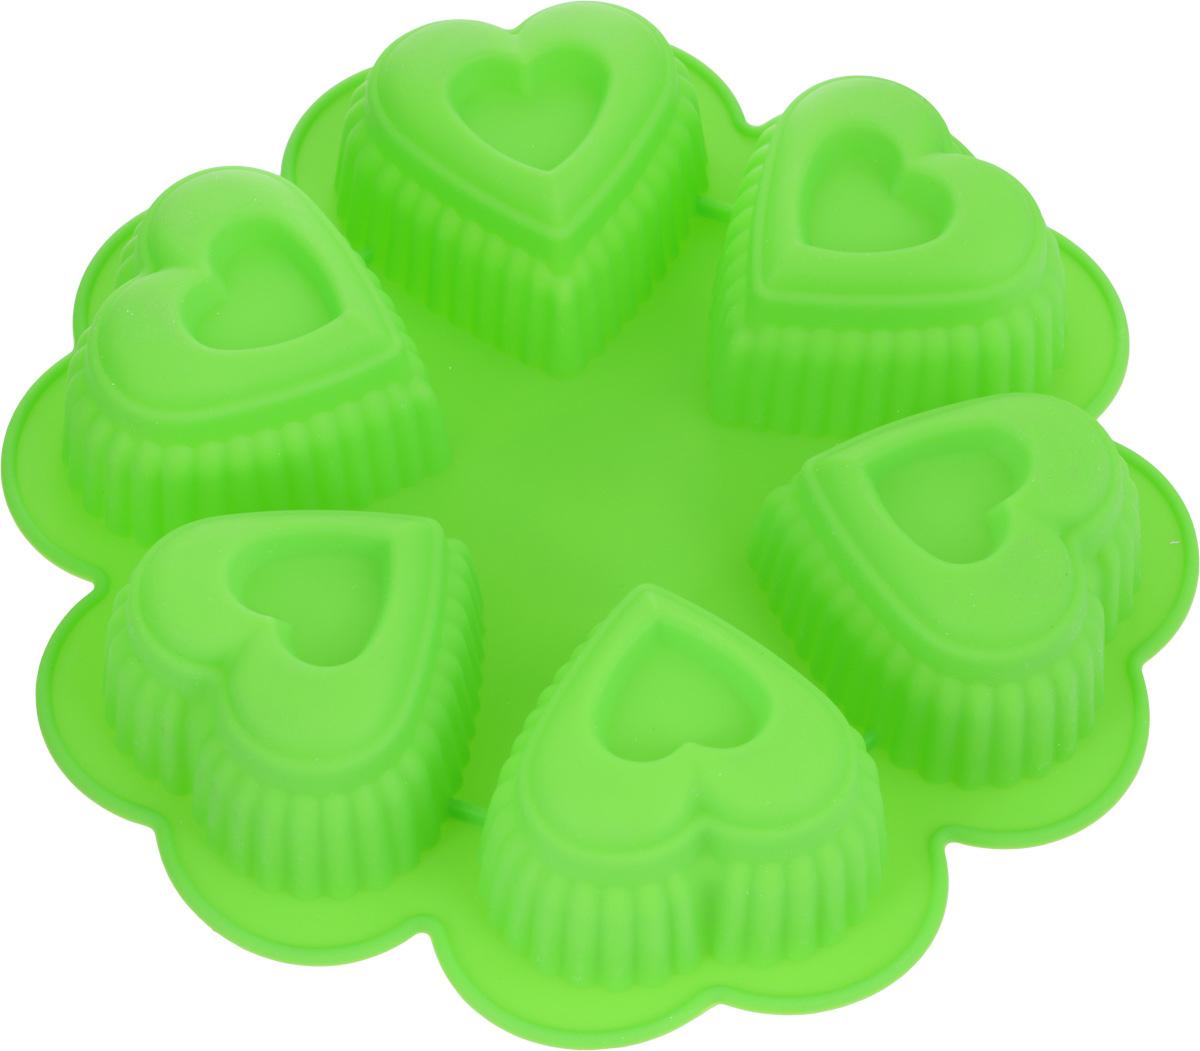 Форма для выпечки Marmiton Сердце, цвет: салатовый, 25,5 х 25,5 х 5 см, 6 ячеек16027_салатовыйФорма для выпечки Marmiton Сердце выполнена из силикона. На одном листе расположены 6 ячеек в виде сердец. Благодаря тому, что форма изготовлена из силикона, готовый лед, выпечку или мармелад вынимать легко и просто.Материал устойчив к фруктовым кислотам, может быть использован в духовках и микроволновых печах (выдерживает температуру от -40°С до 230°С). Можно мыть и сушить в посудомоечной машине.Общий размер формы: 25,5 х 25,5 х 5 см.Размер ячейки: 8 х 8 х 5 см.